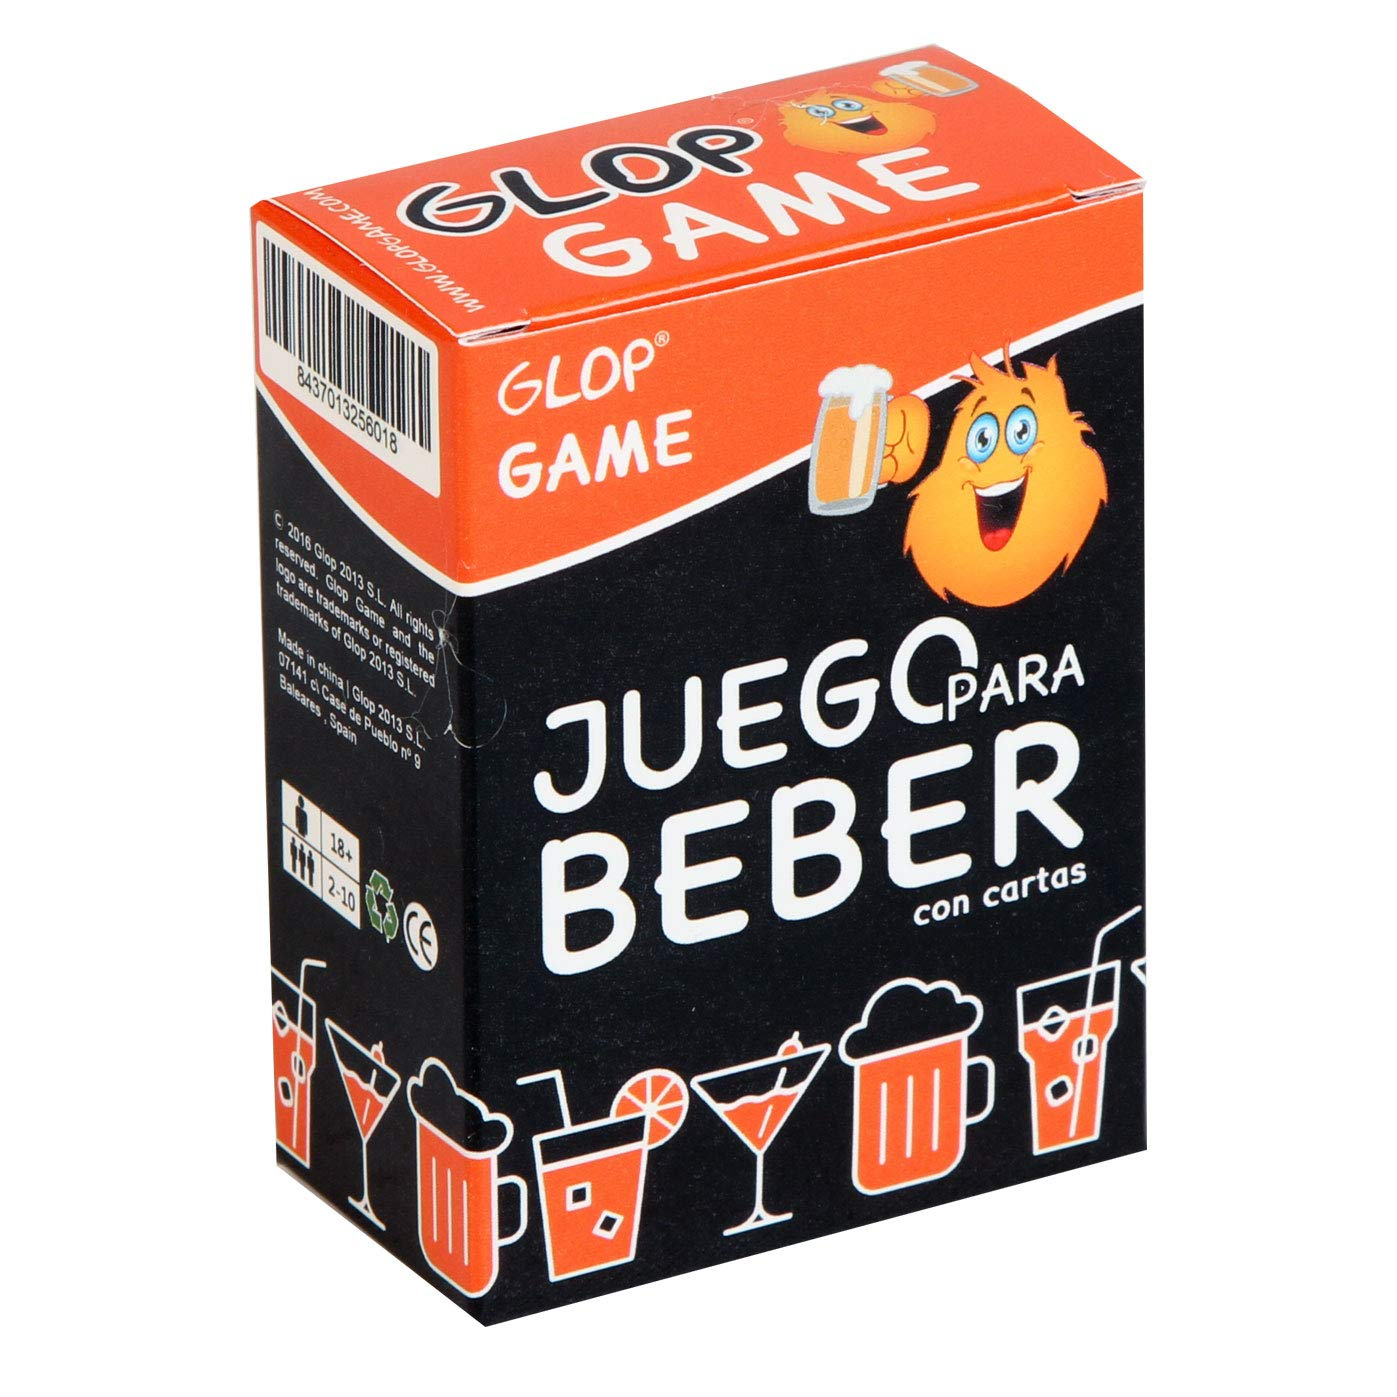 Glop 300 Cartas - Juegos para Beber - Juego de Beber para ...